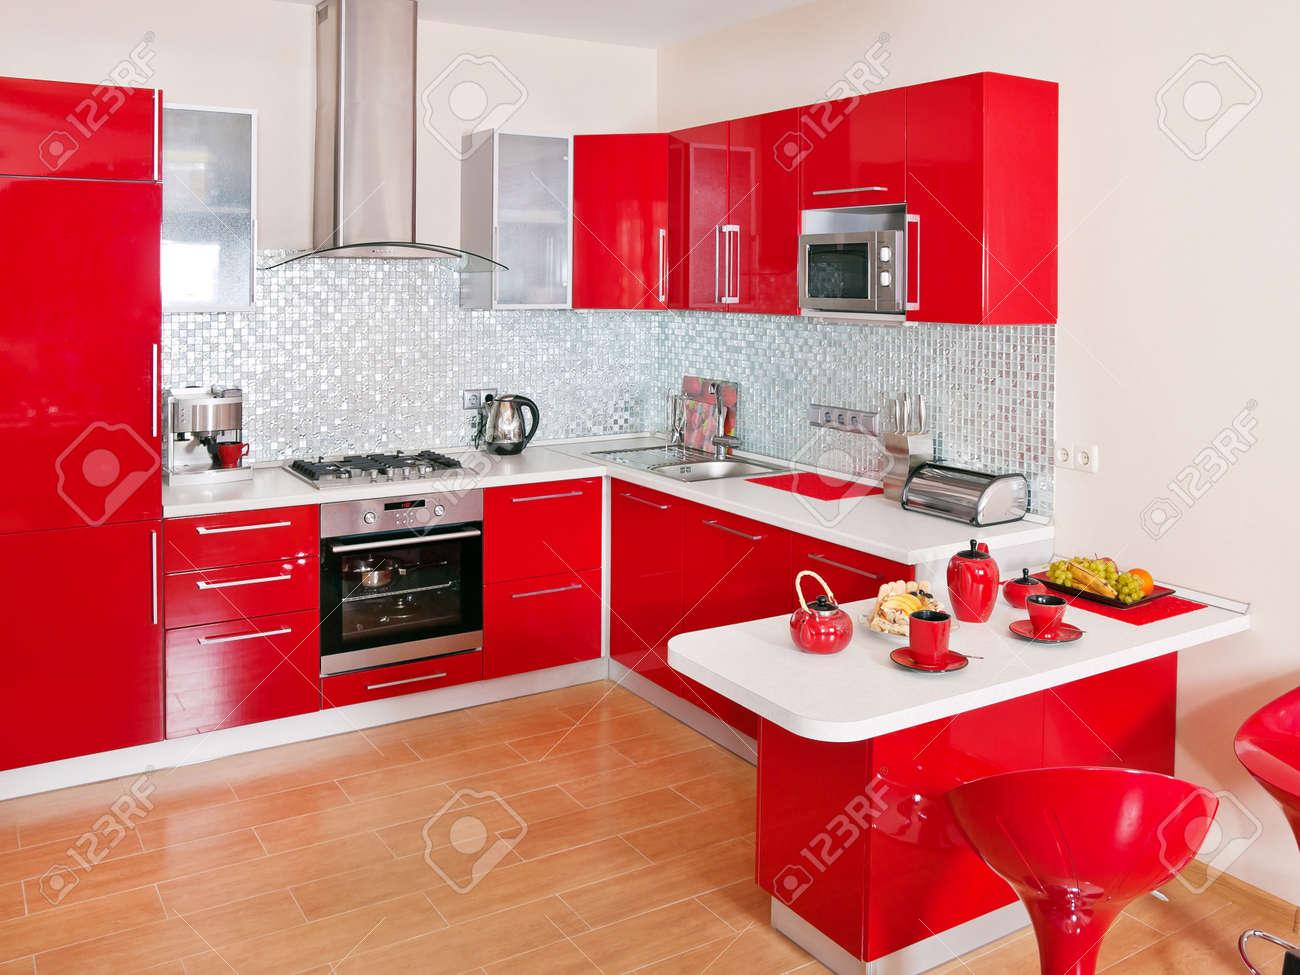 décoration cuisine moderne rouge